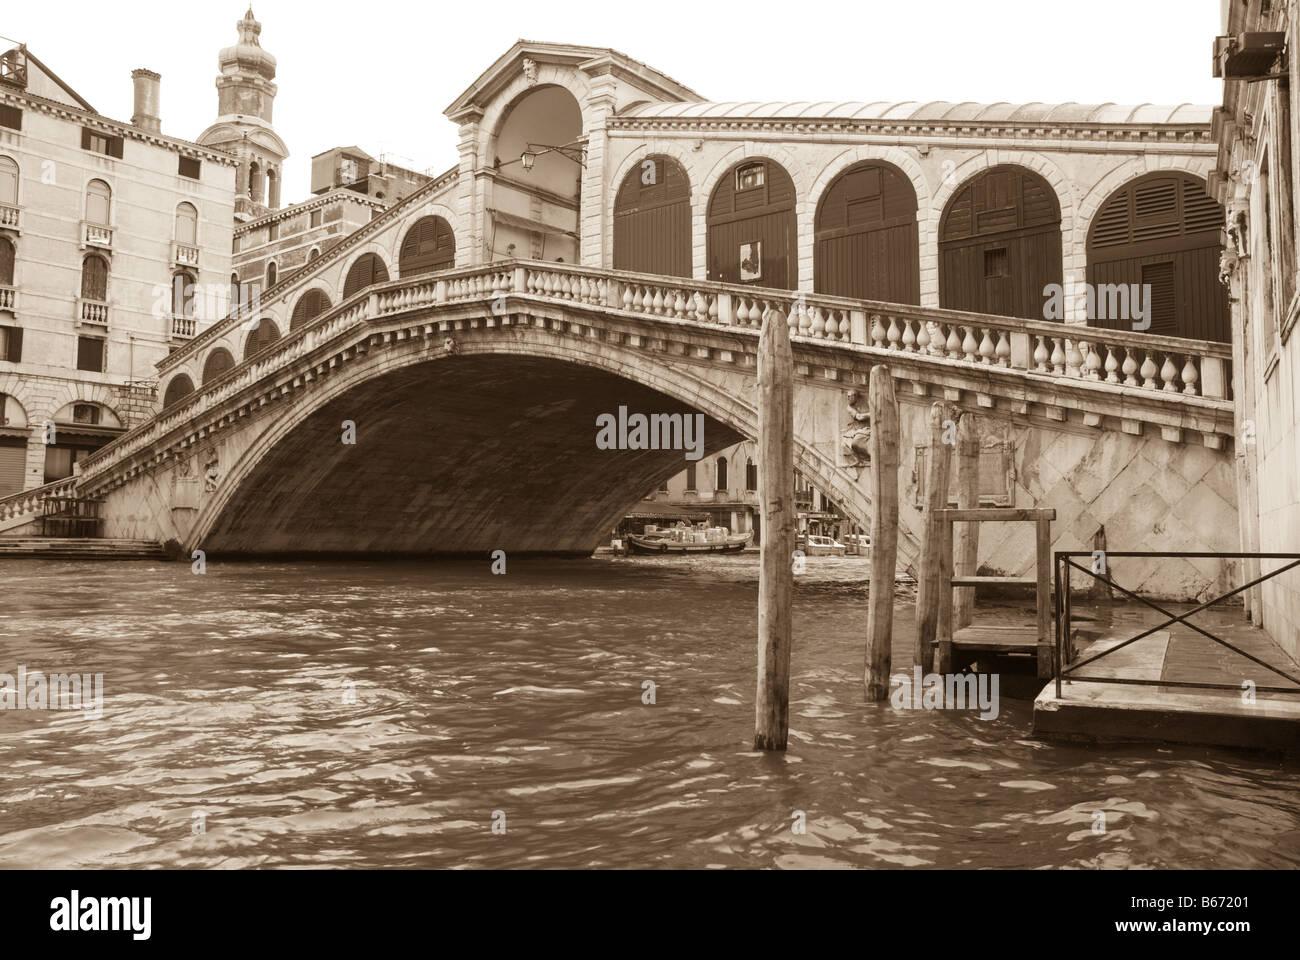 Rialto Bridge, Venice, in sepia tones. Stock Photo